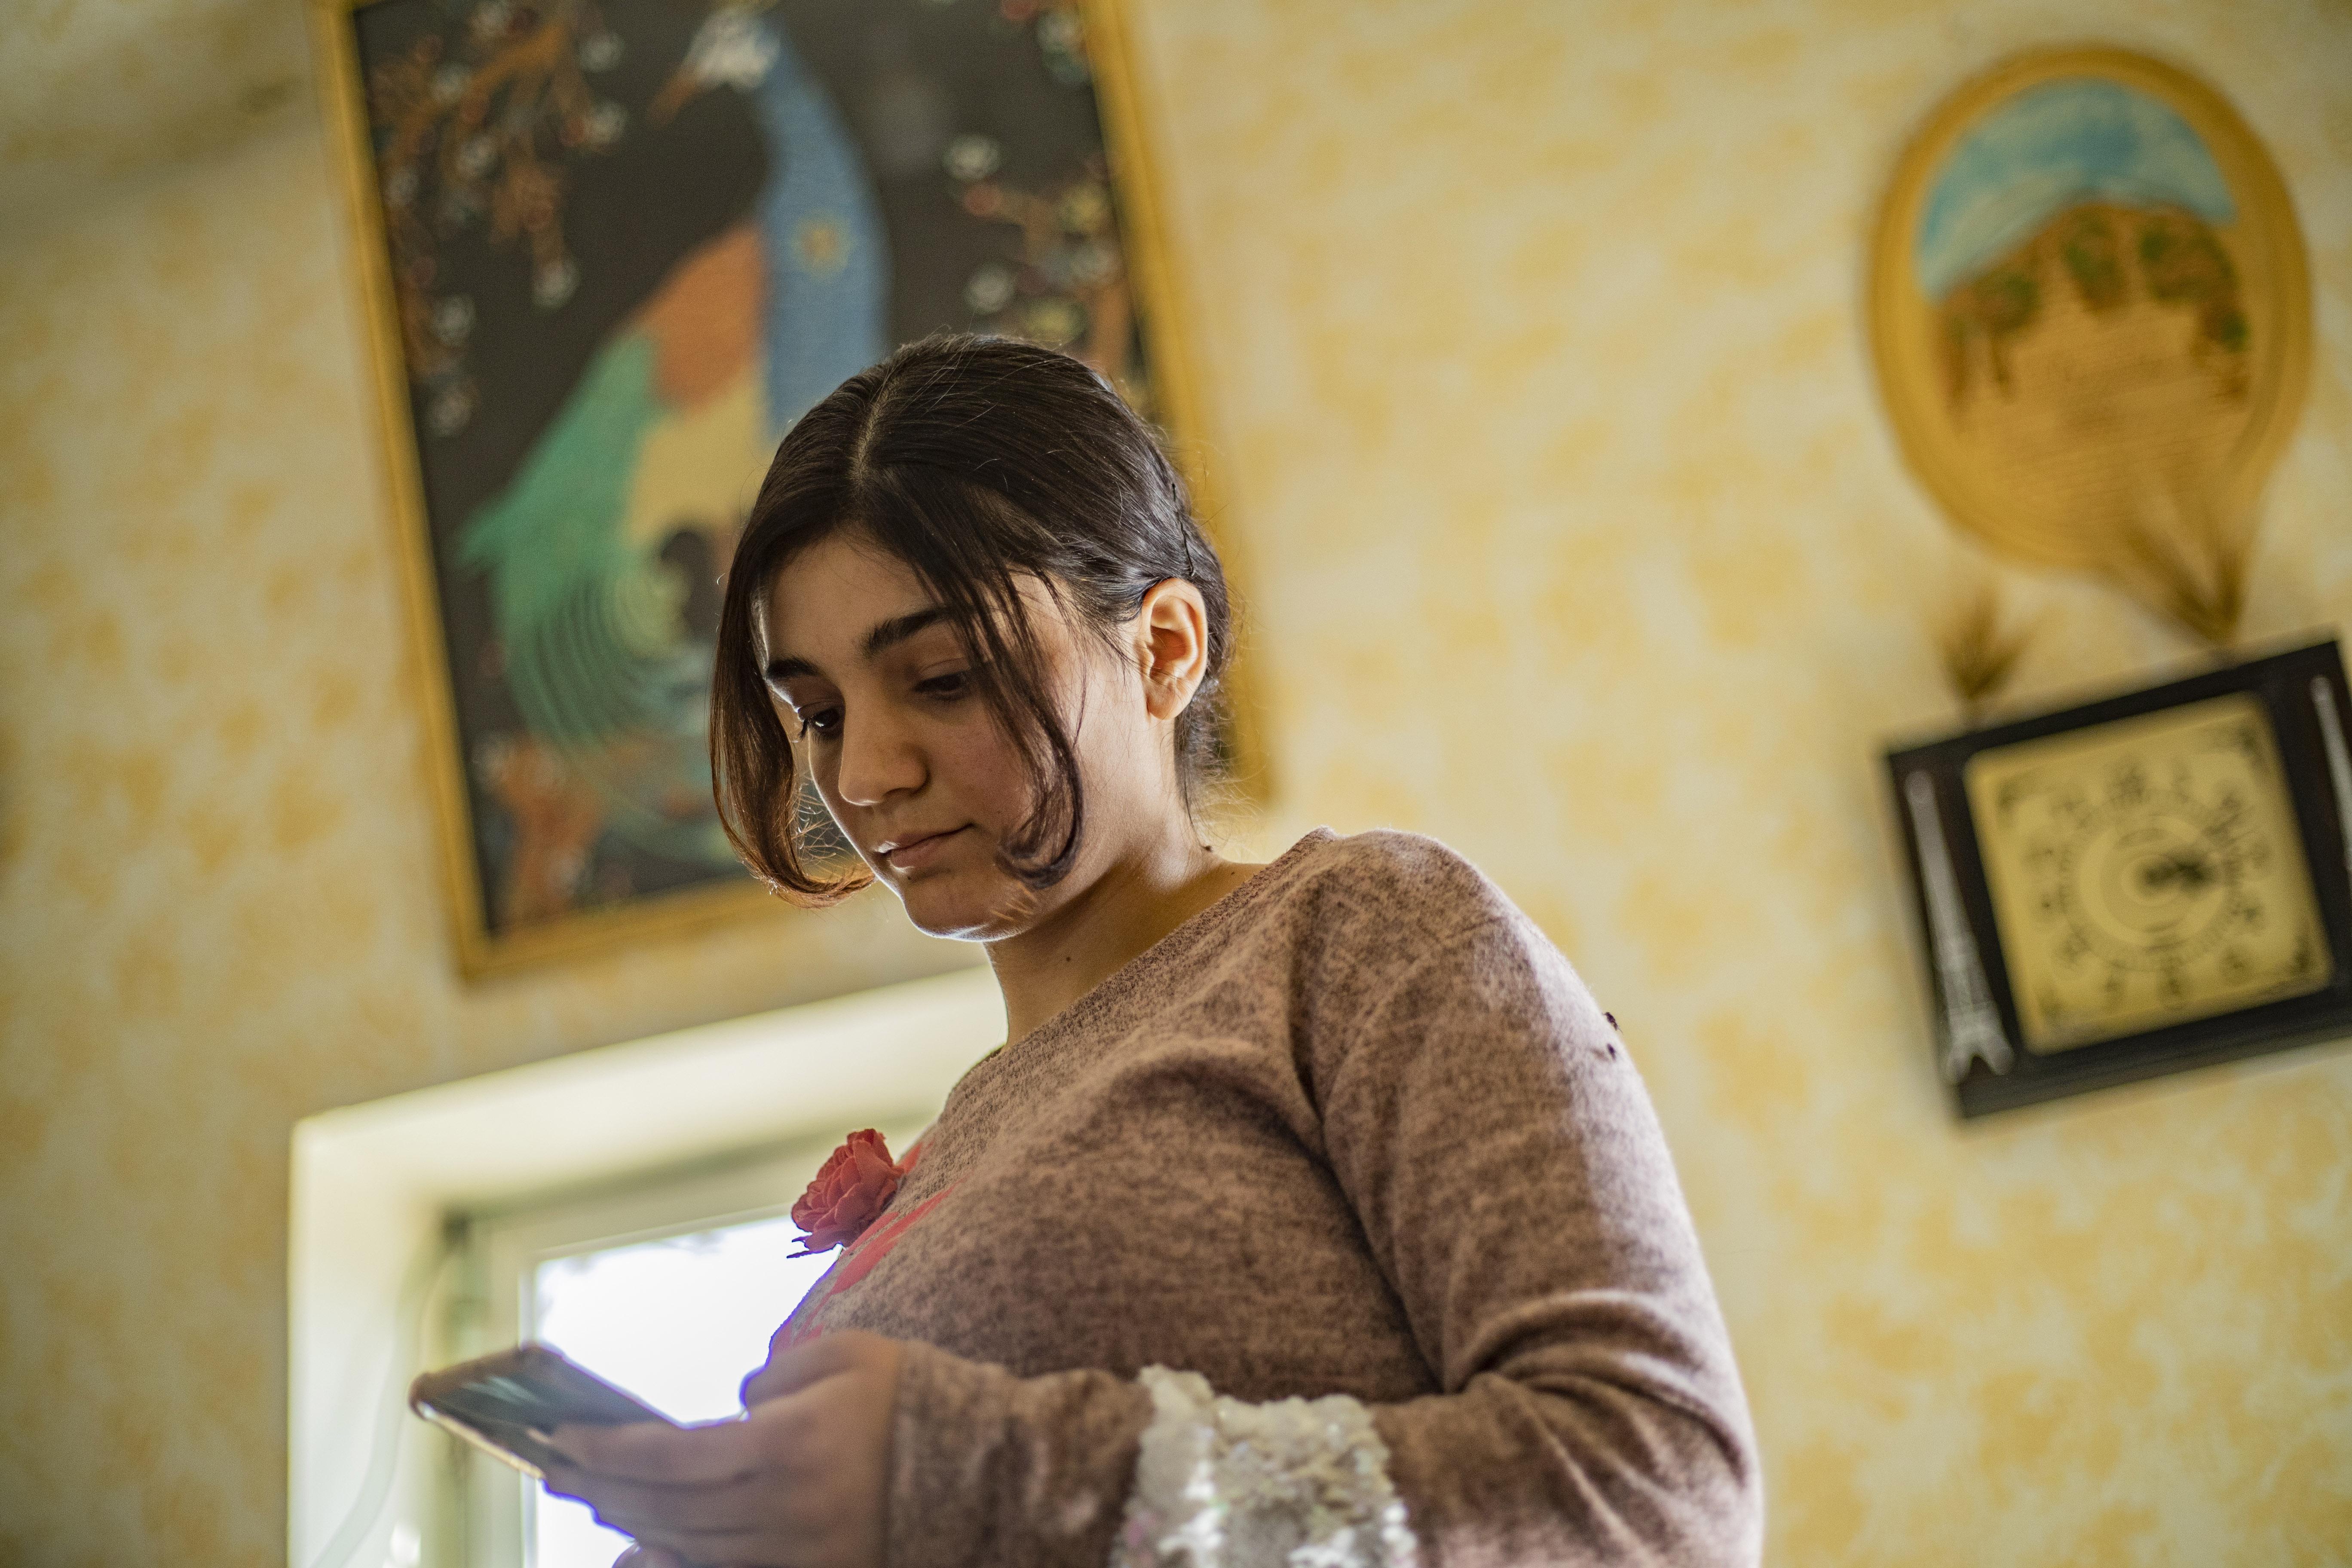 الشابة الأيزيدية العراقية ليلى عيدو المتواجدة حاليا في ريف الحسكة بسوريا